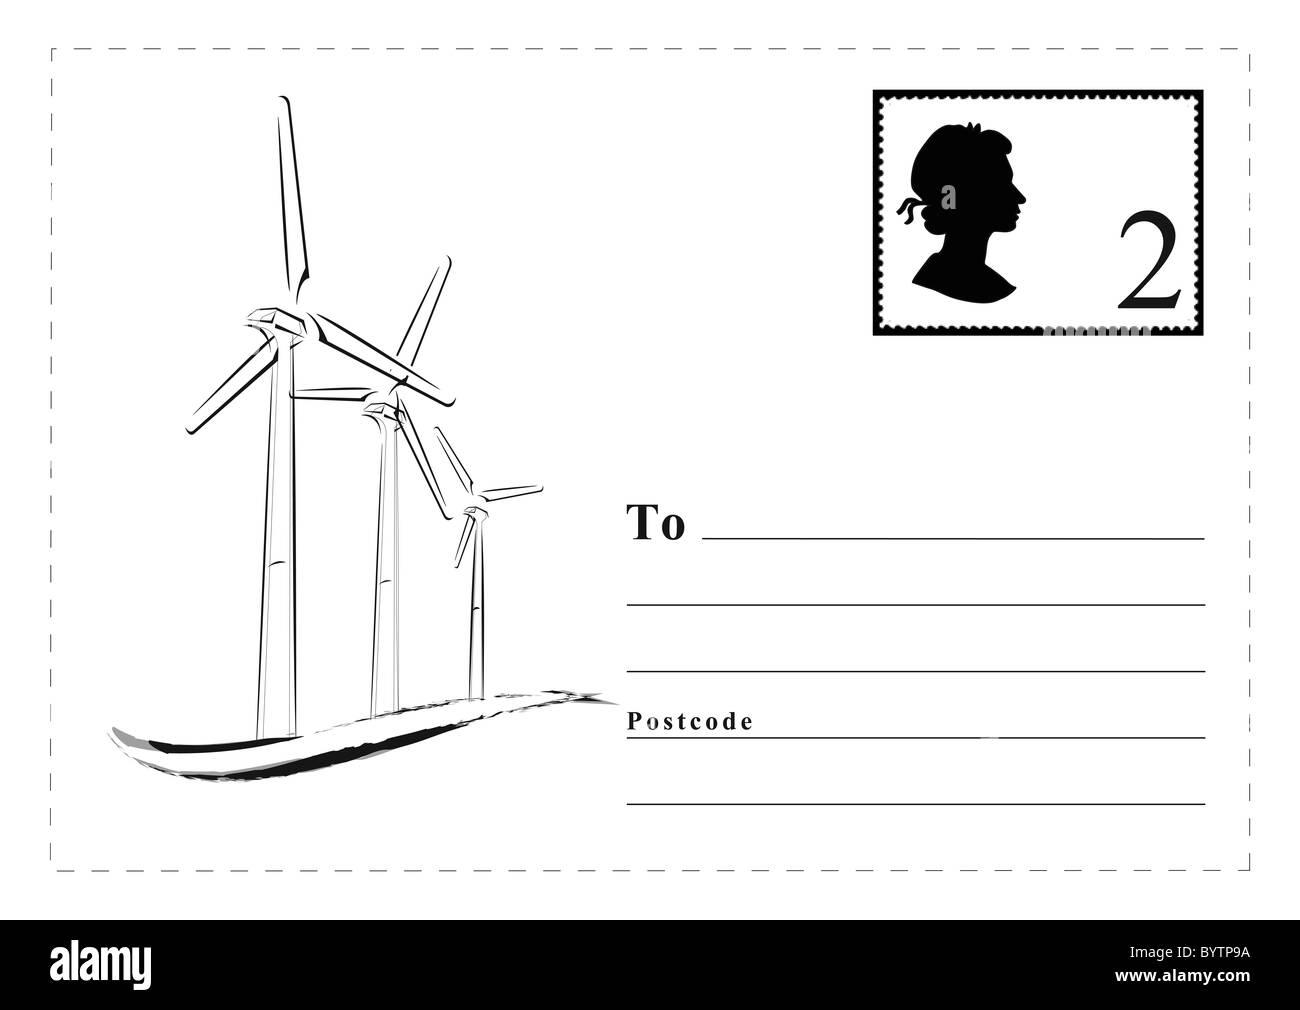 Carte postale en noir et blanc, modèle 2st class stamp silhouette de reine, décrites noté espaces, Photo Stock